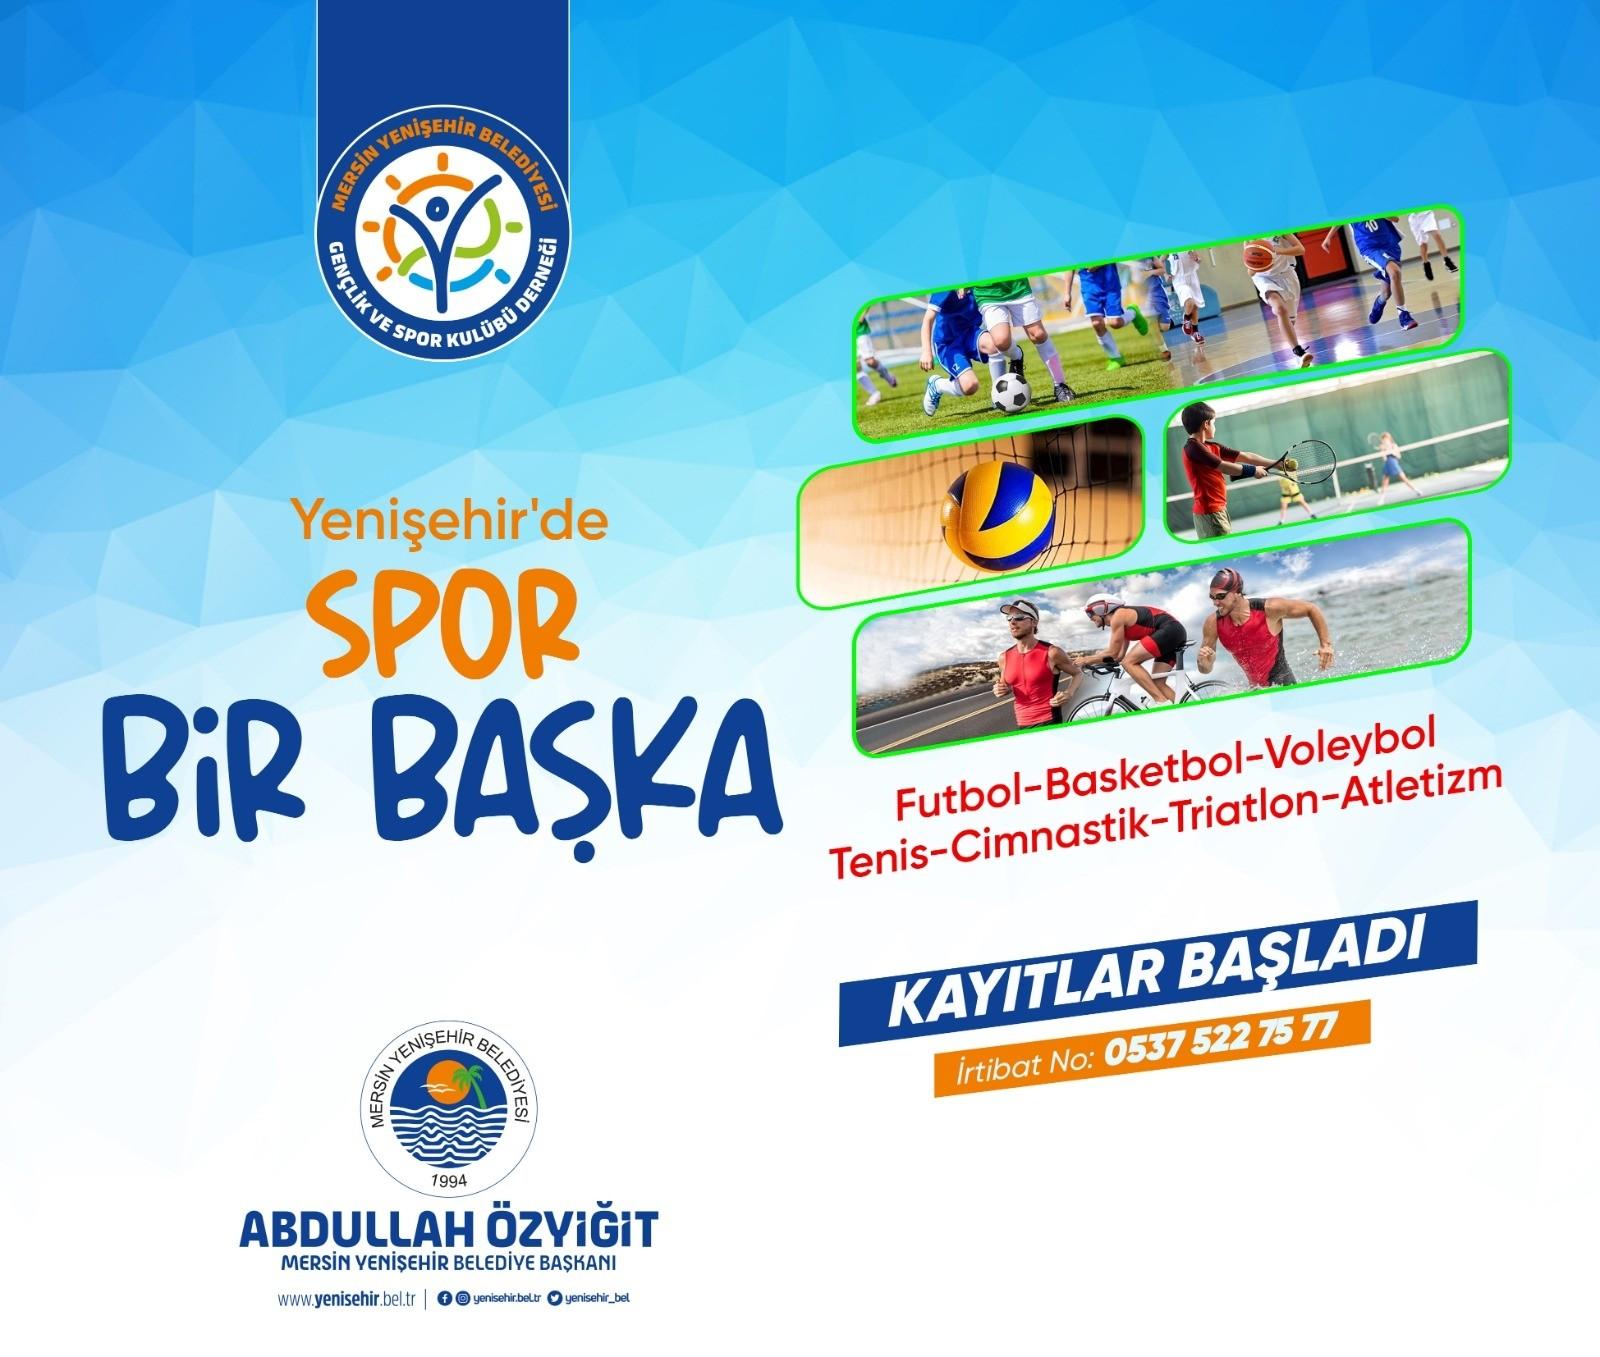 yenisehir belediyesinin spor kurslarina kayitlar devam ediyor